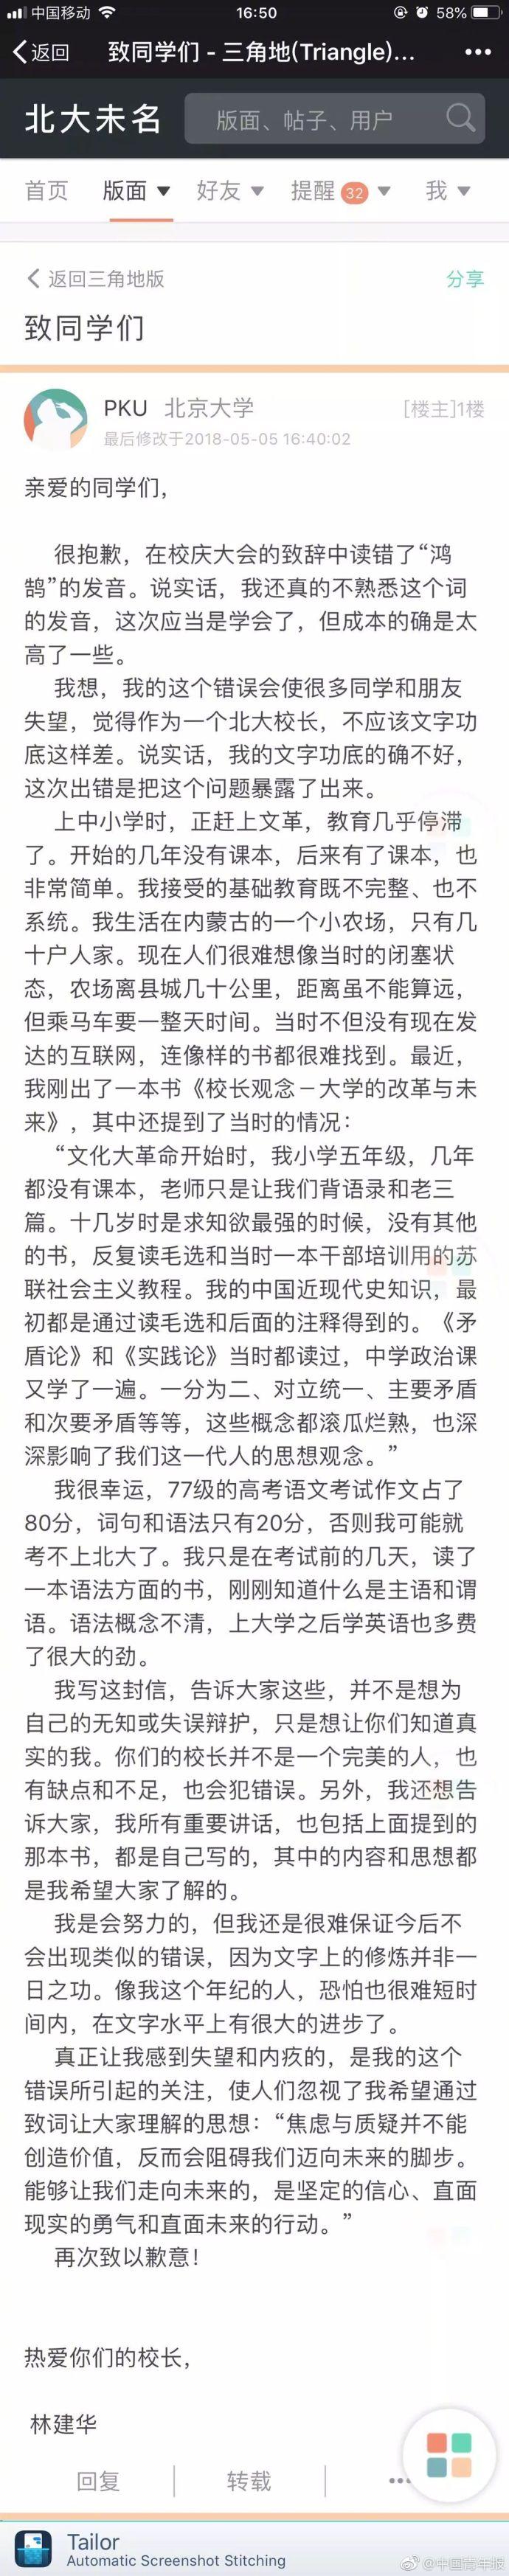 """校庆演讲读错""""鸿鹄""""发音 北大校长林建华发道歉信"""